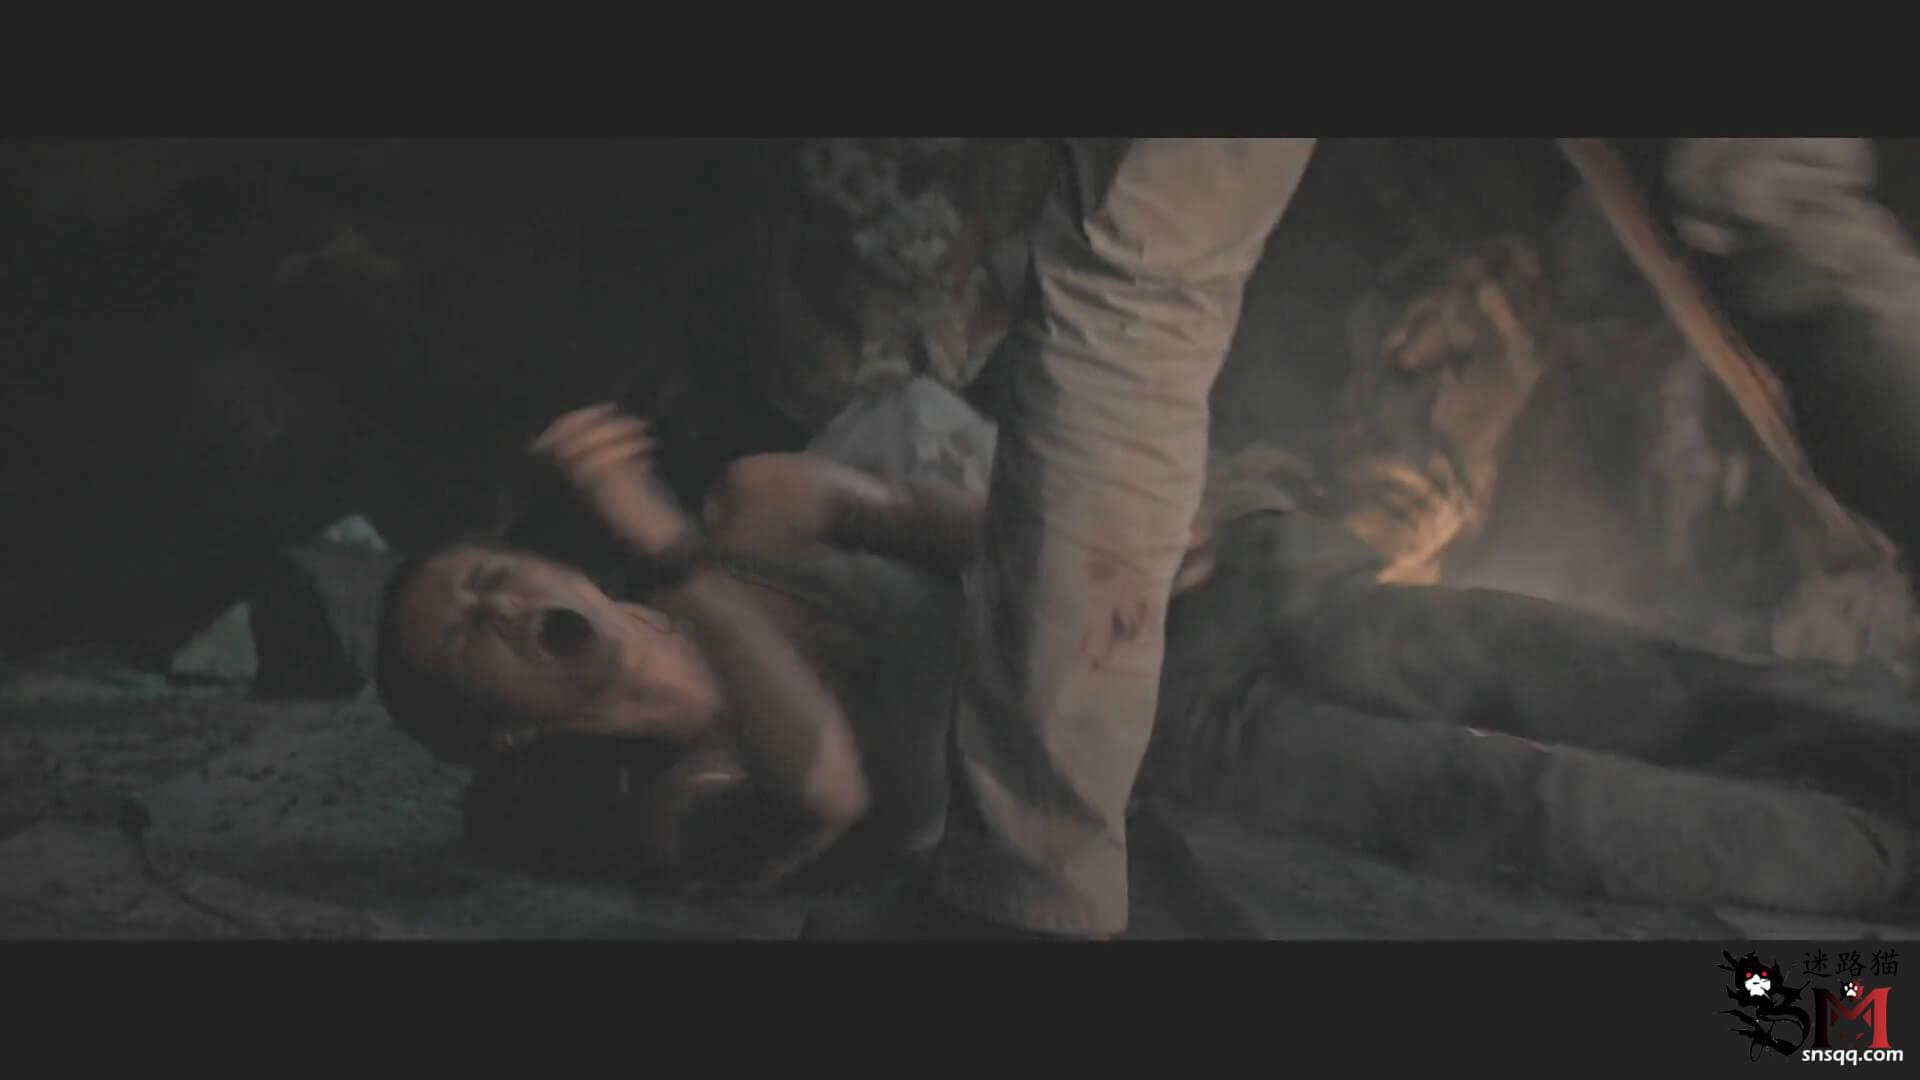 制作和喜欢《古墓丽影》的人可能是Ryona(残虐女性)爱好者